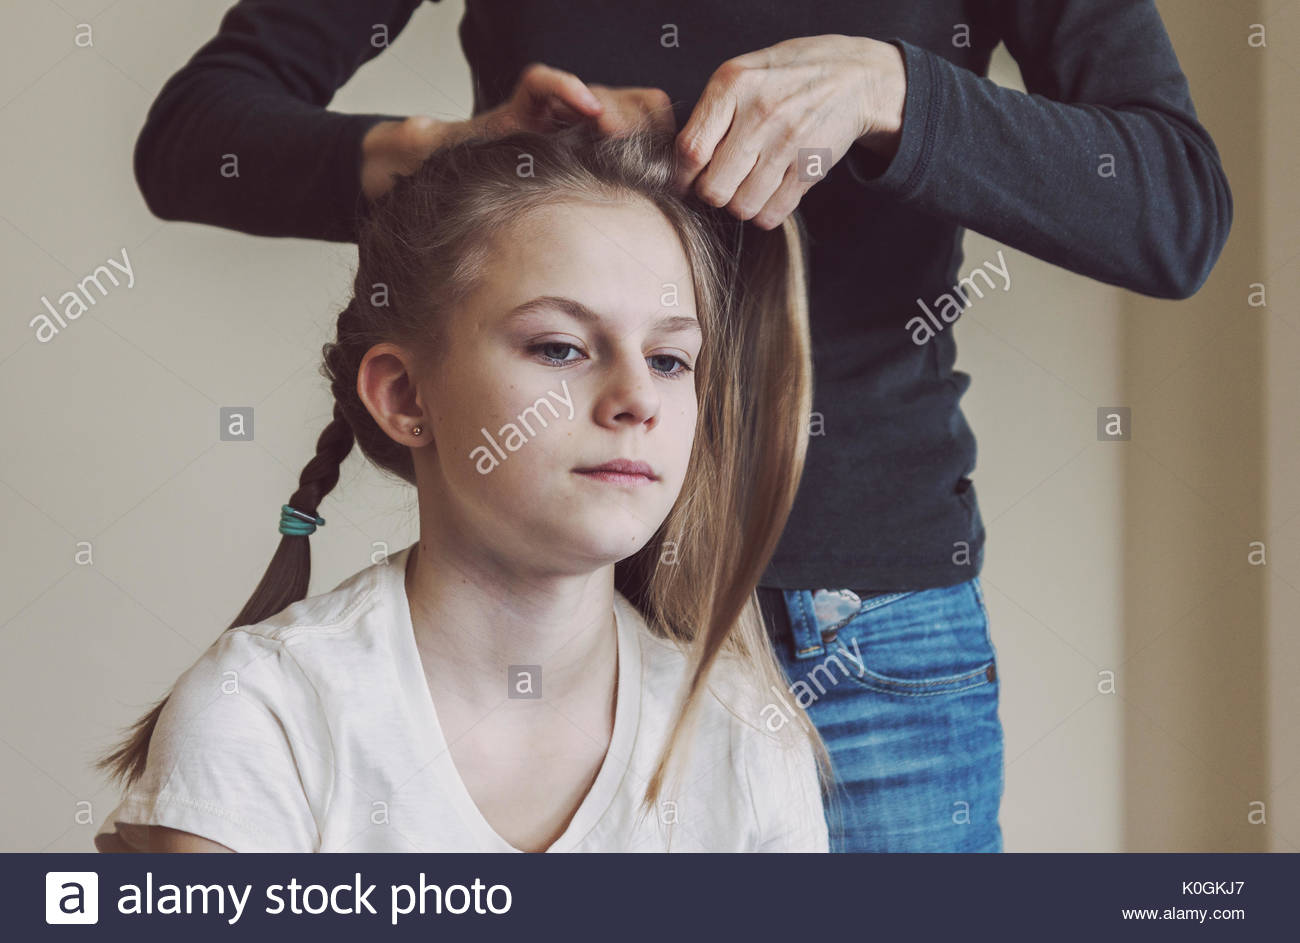 Mutter flechten junge Mädchen Haare. Real Life Porträt Bild der kaukasischen jugendlich Mädchen mit Stockbild